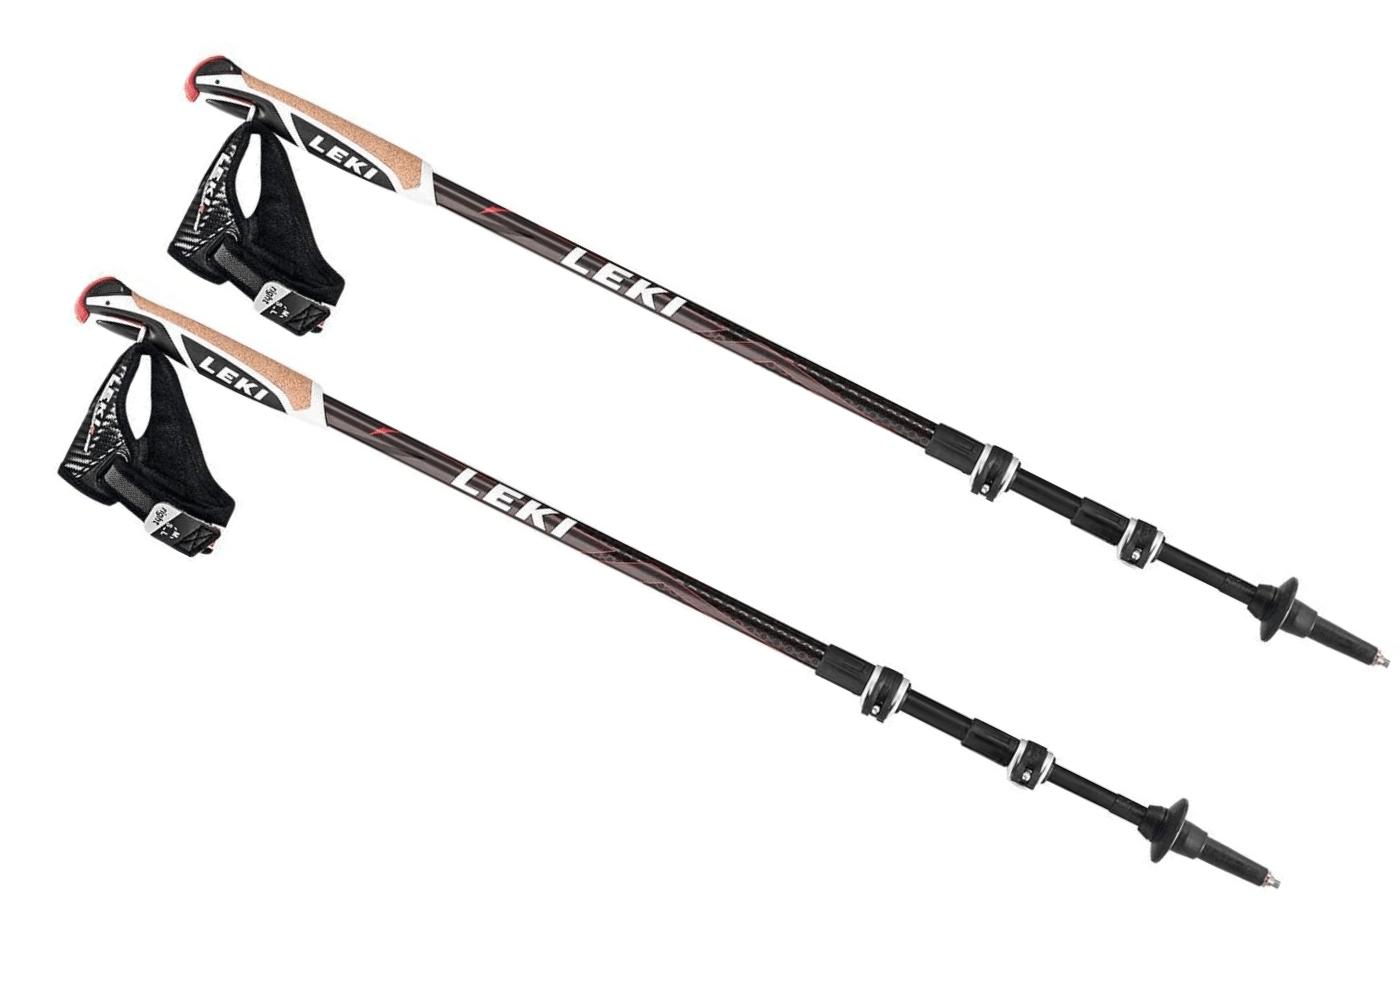 LEKI Traveller Carbon Walking Poles